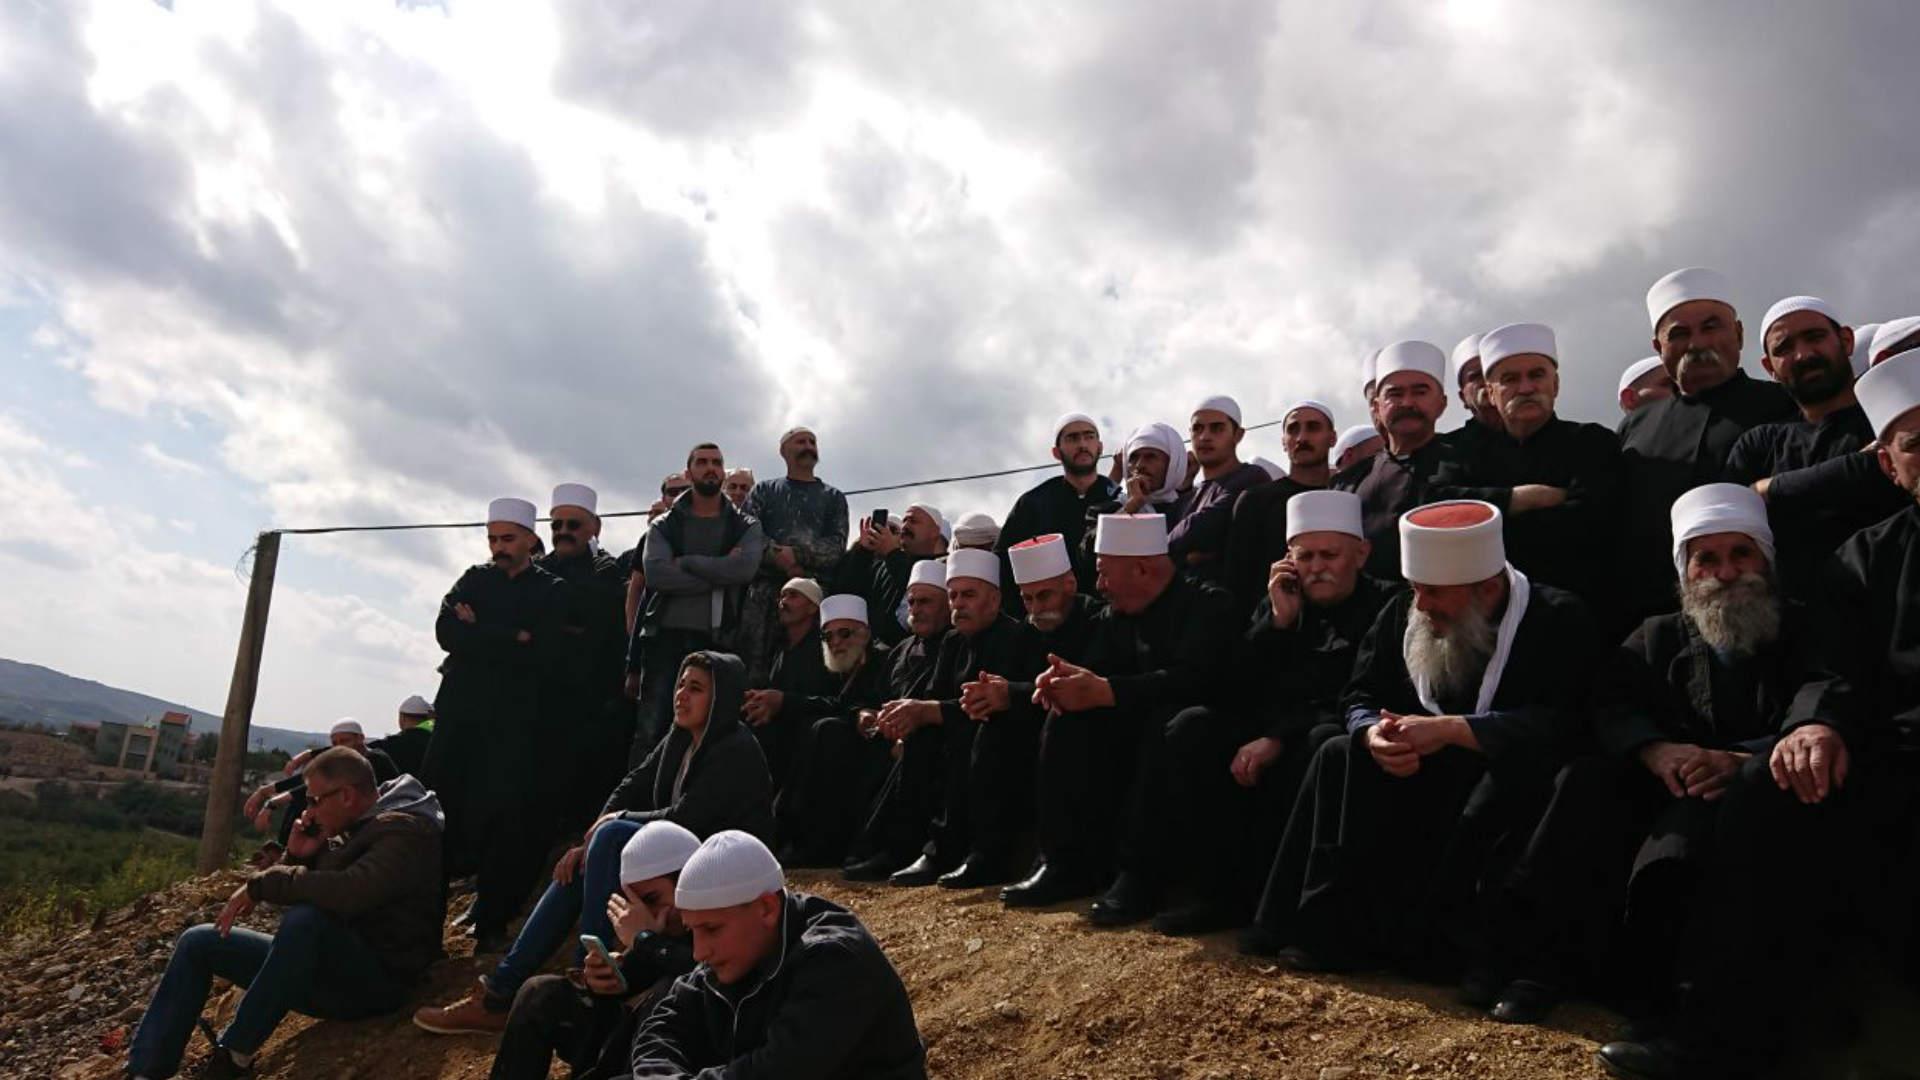 דרוזים בגולן משקיפים על חאדר, היום